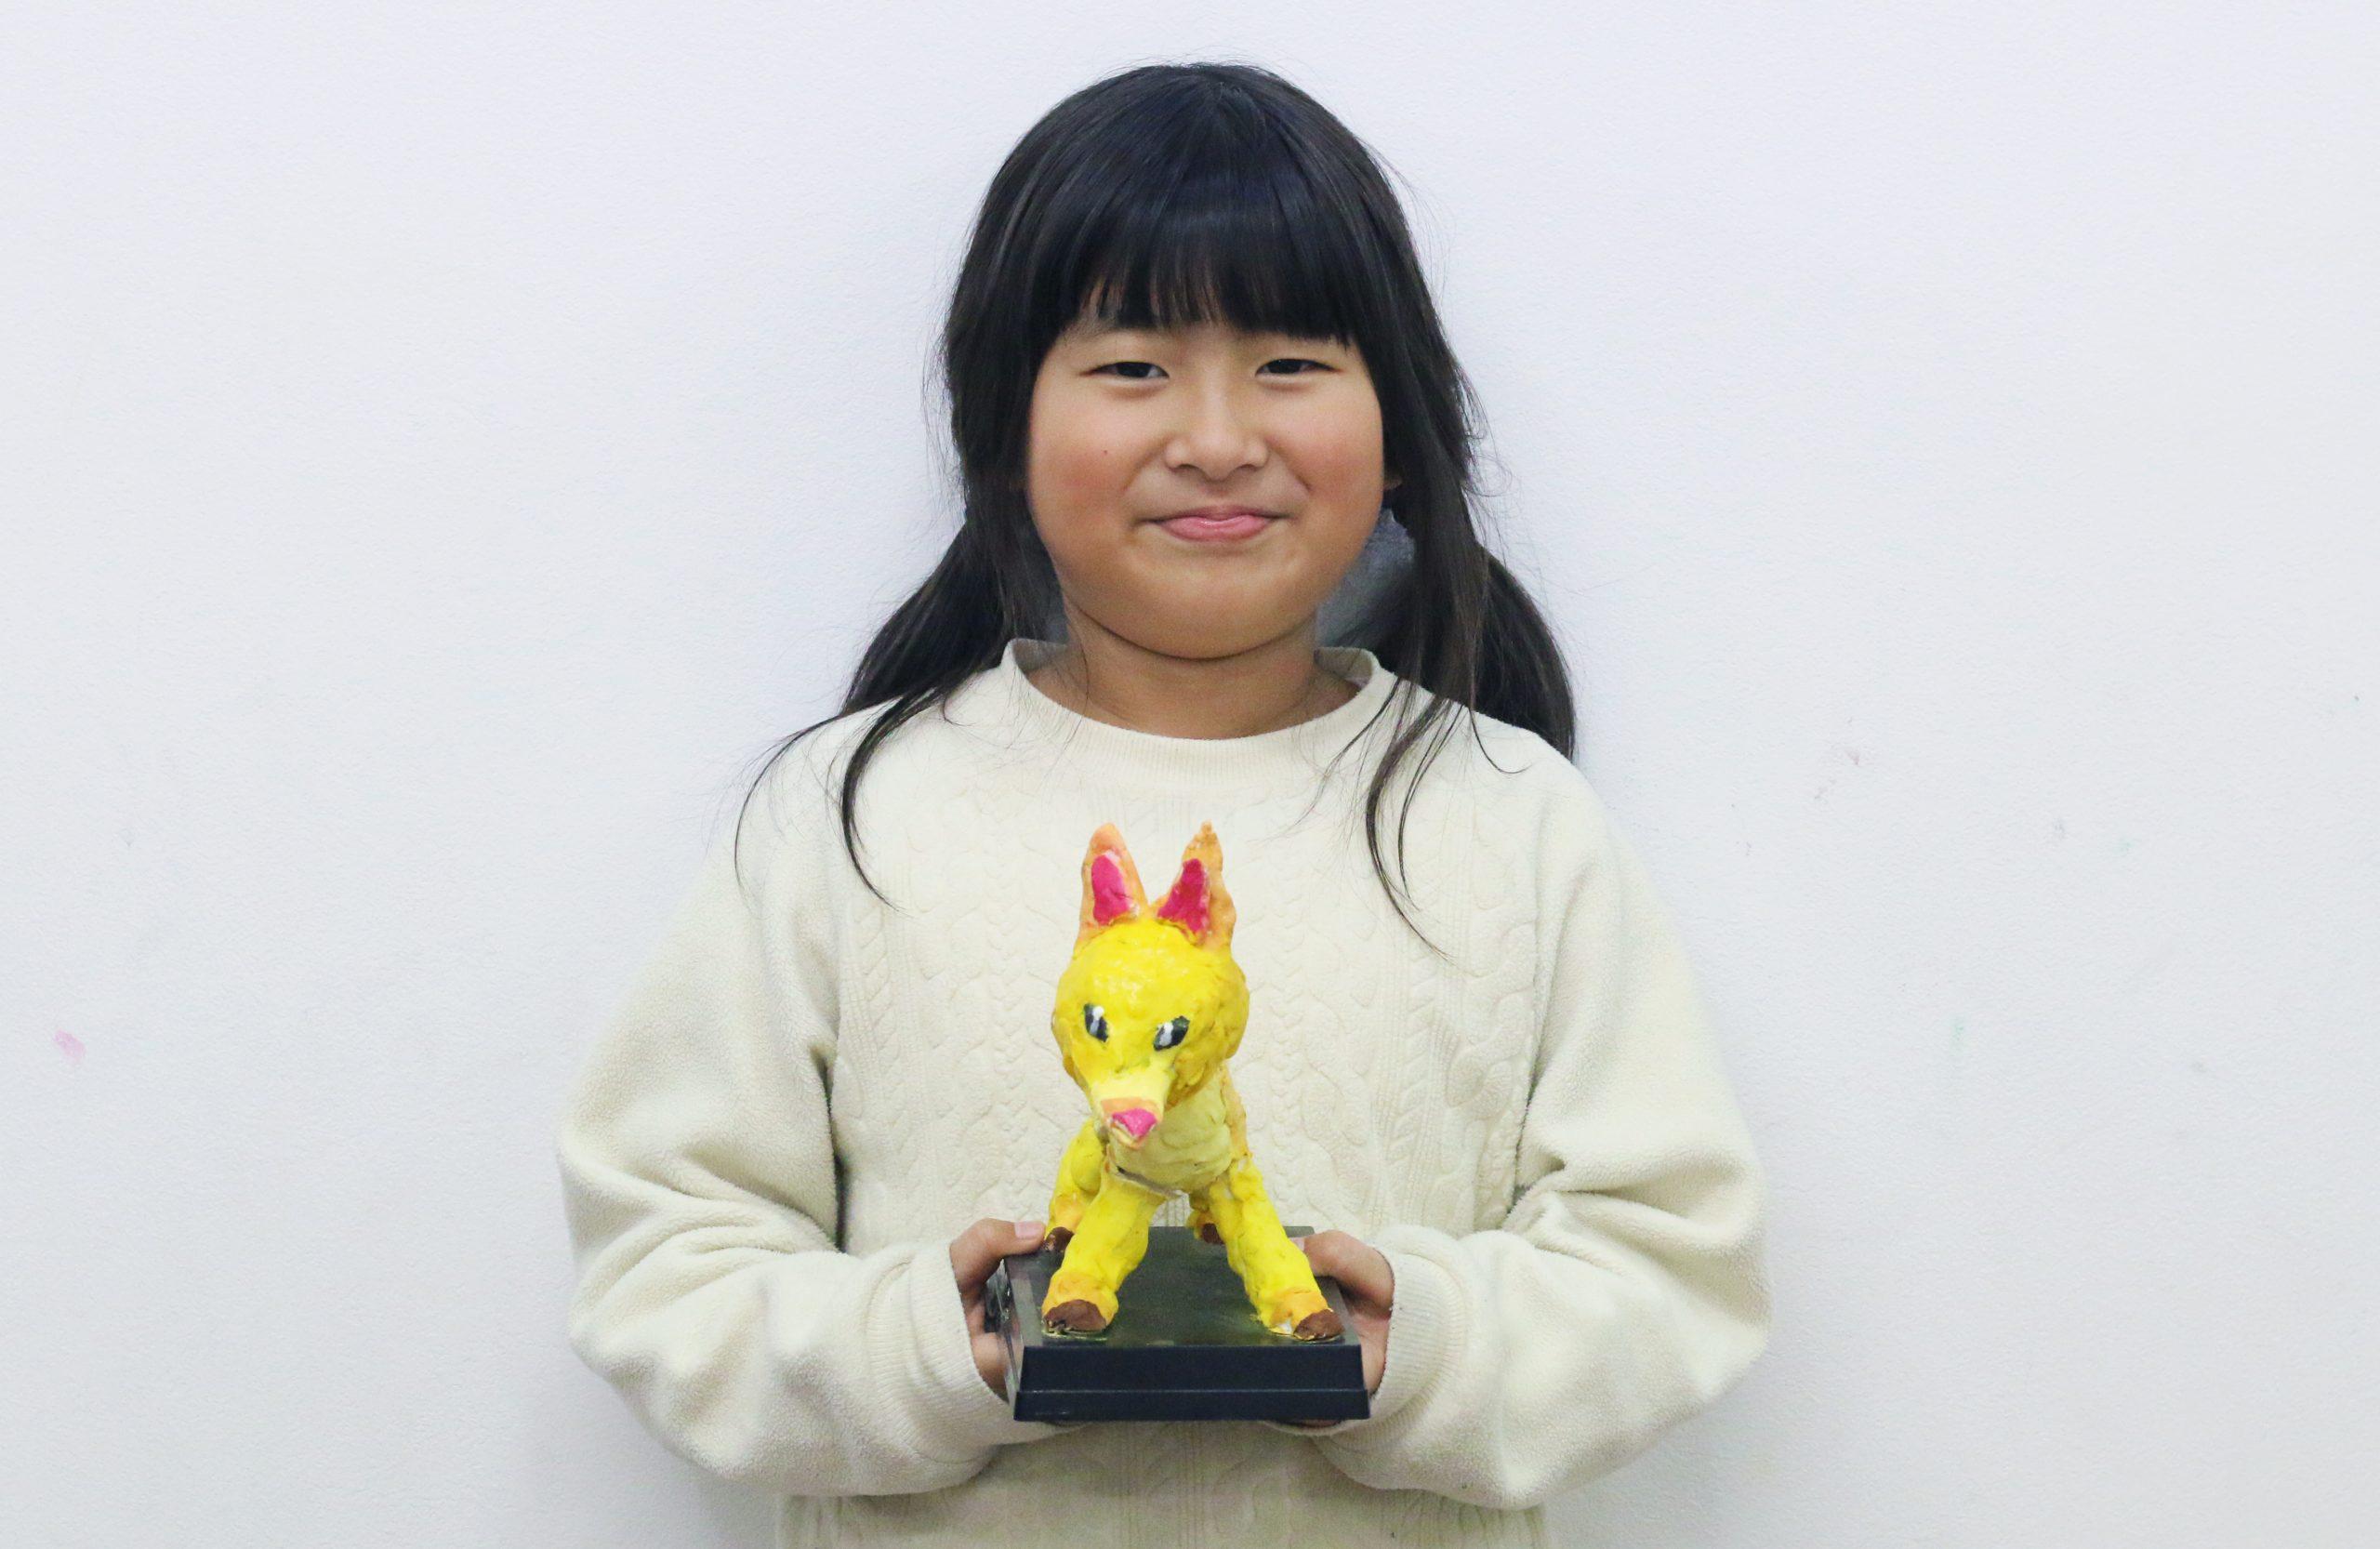 『きつね』 造形応用クラス 赤坂綺香ちゃん イメージ画像